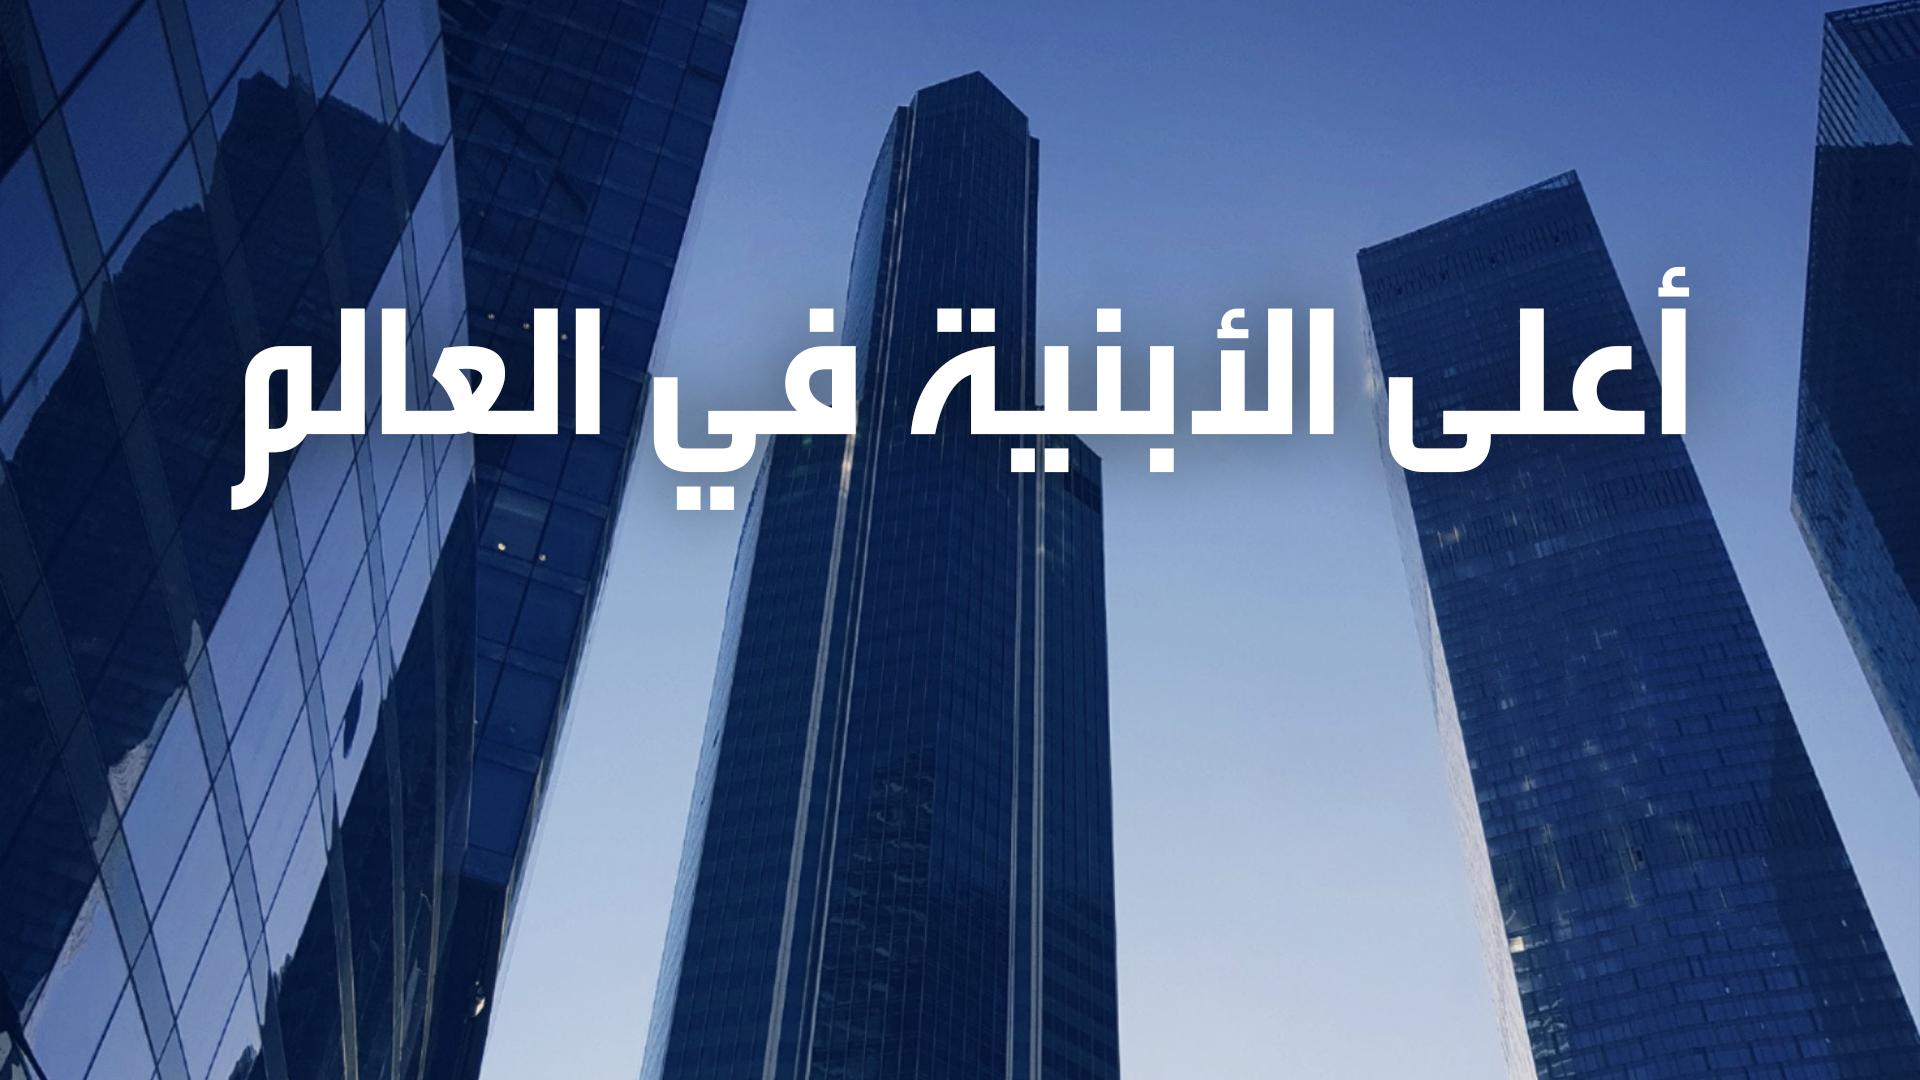 أعلى الأبنية في العالم